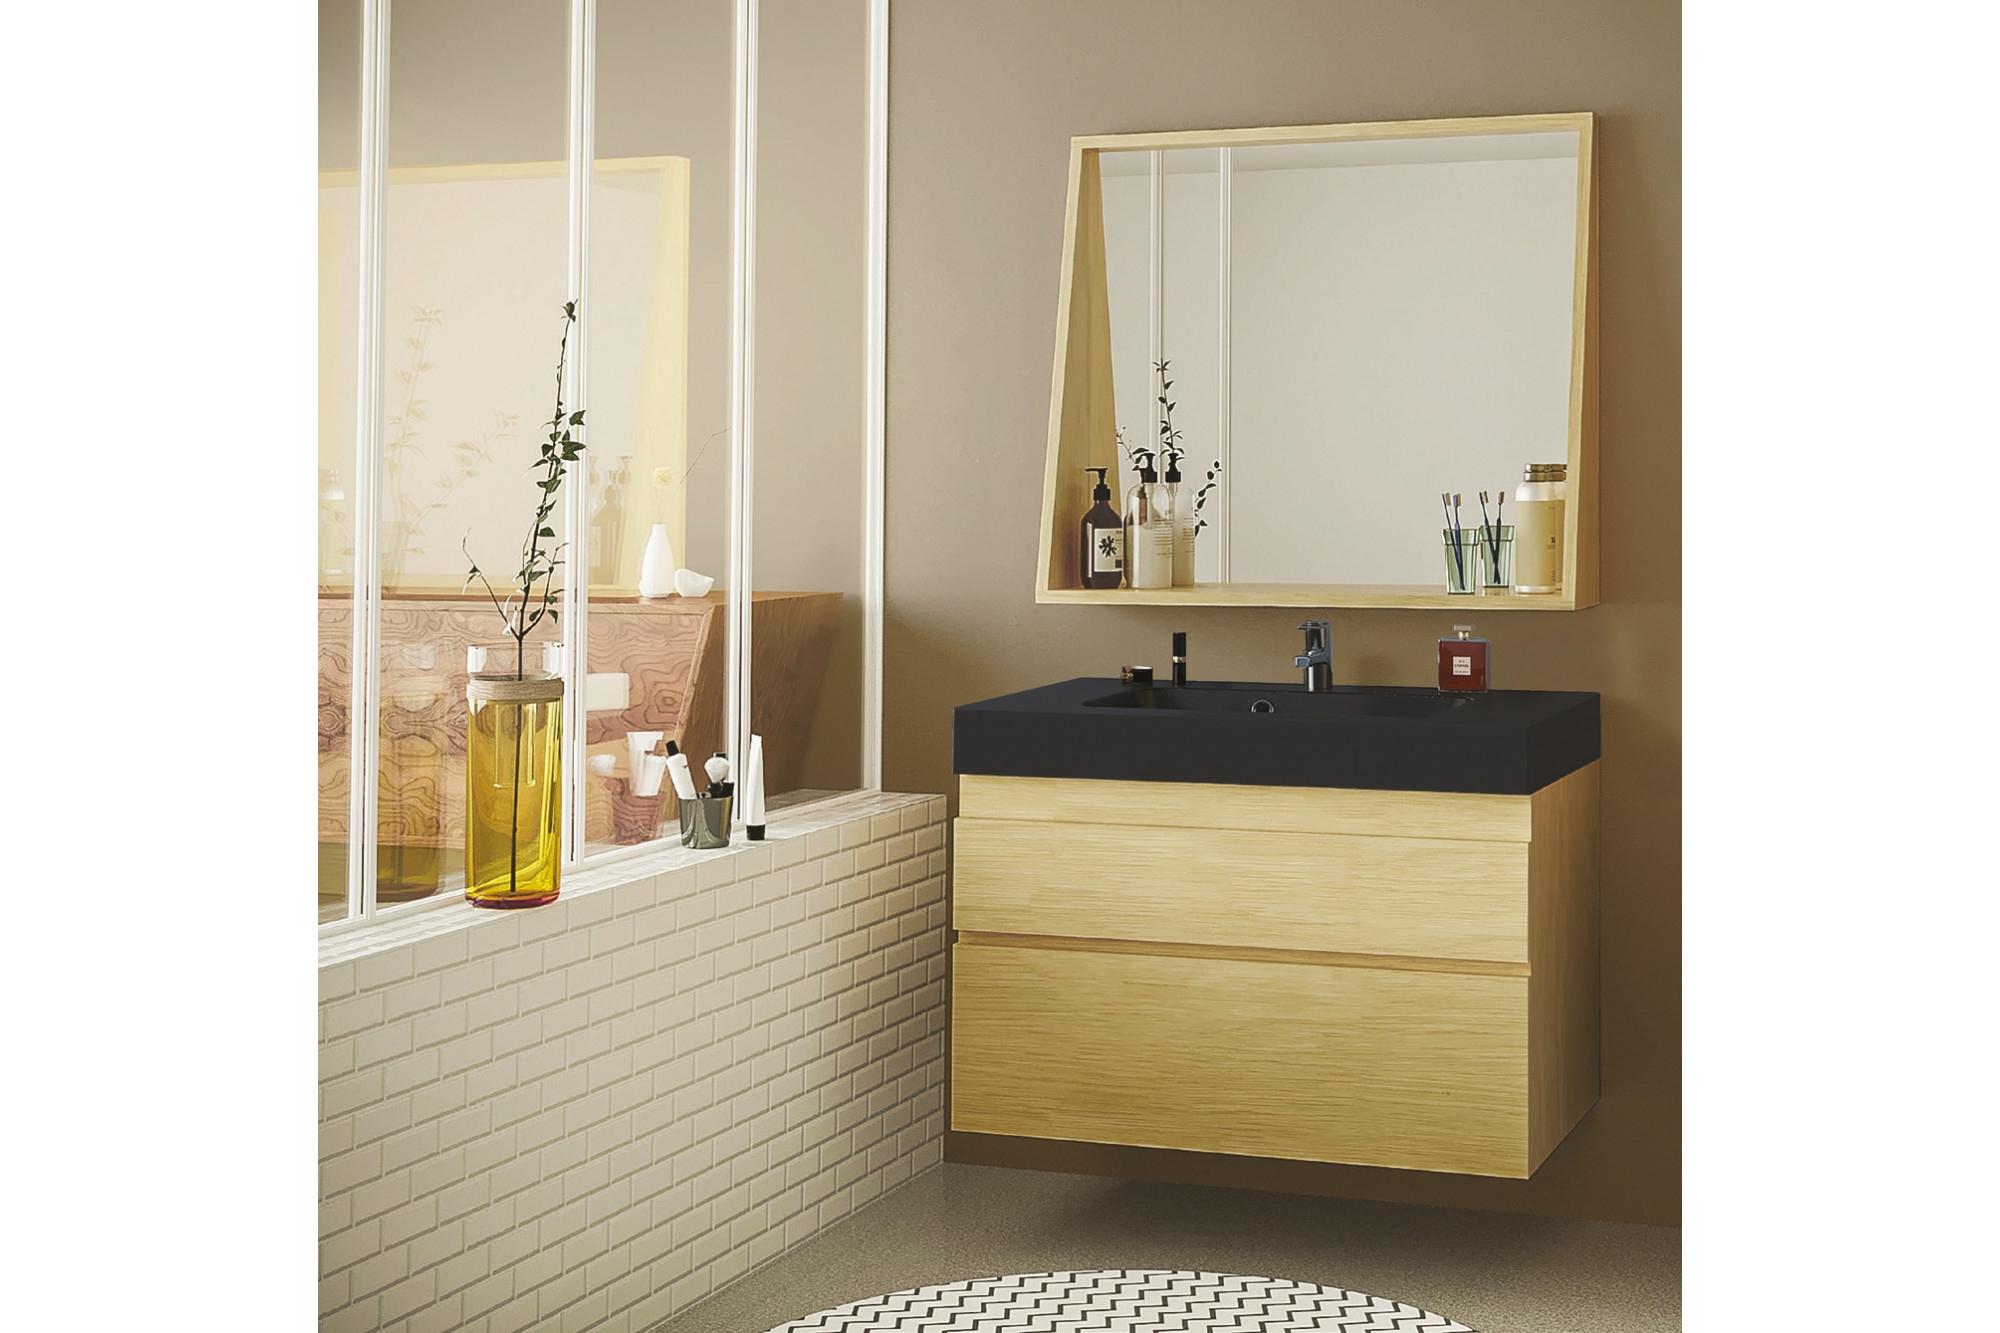 Meuble De Salle De Bain En Bois Avec Sa Vasque Noir Mat Et Son Miroir -  Hellin destiné Meuble Salle De Bain Noir Mat